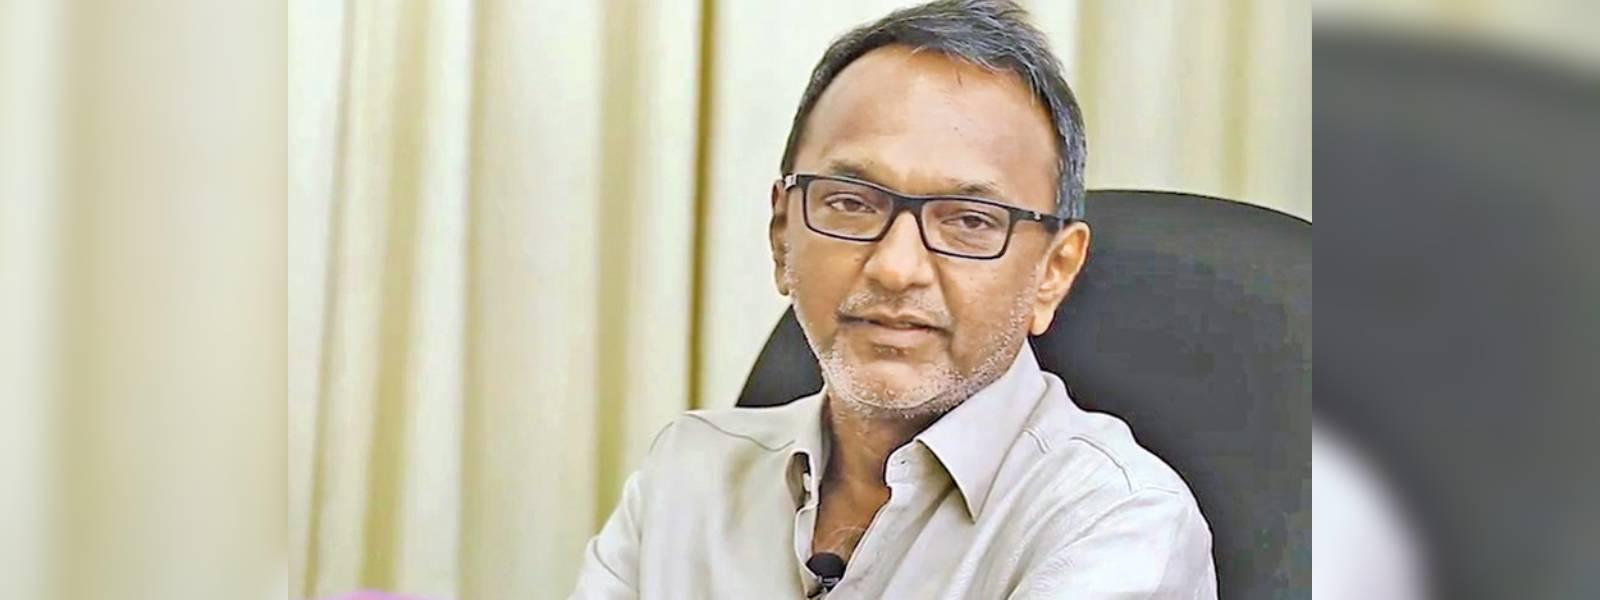 Imthiaz Bakeer Markar raises concerns over 20A